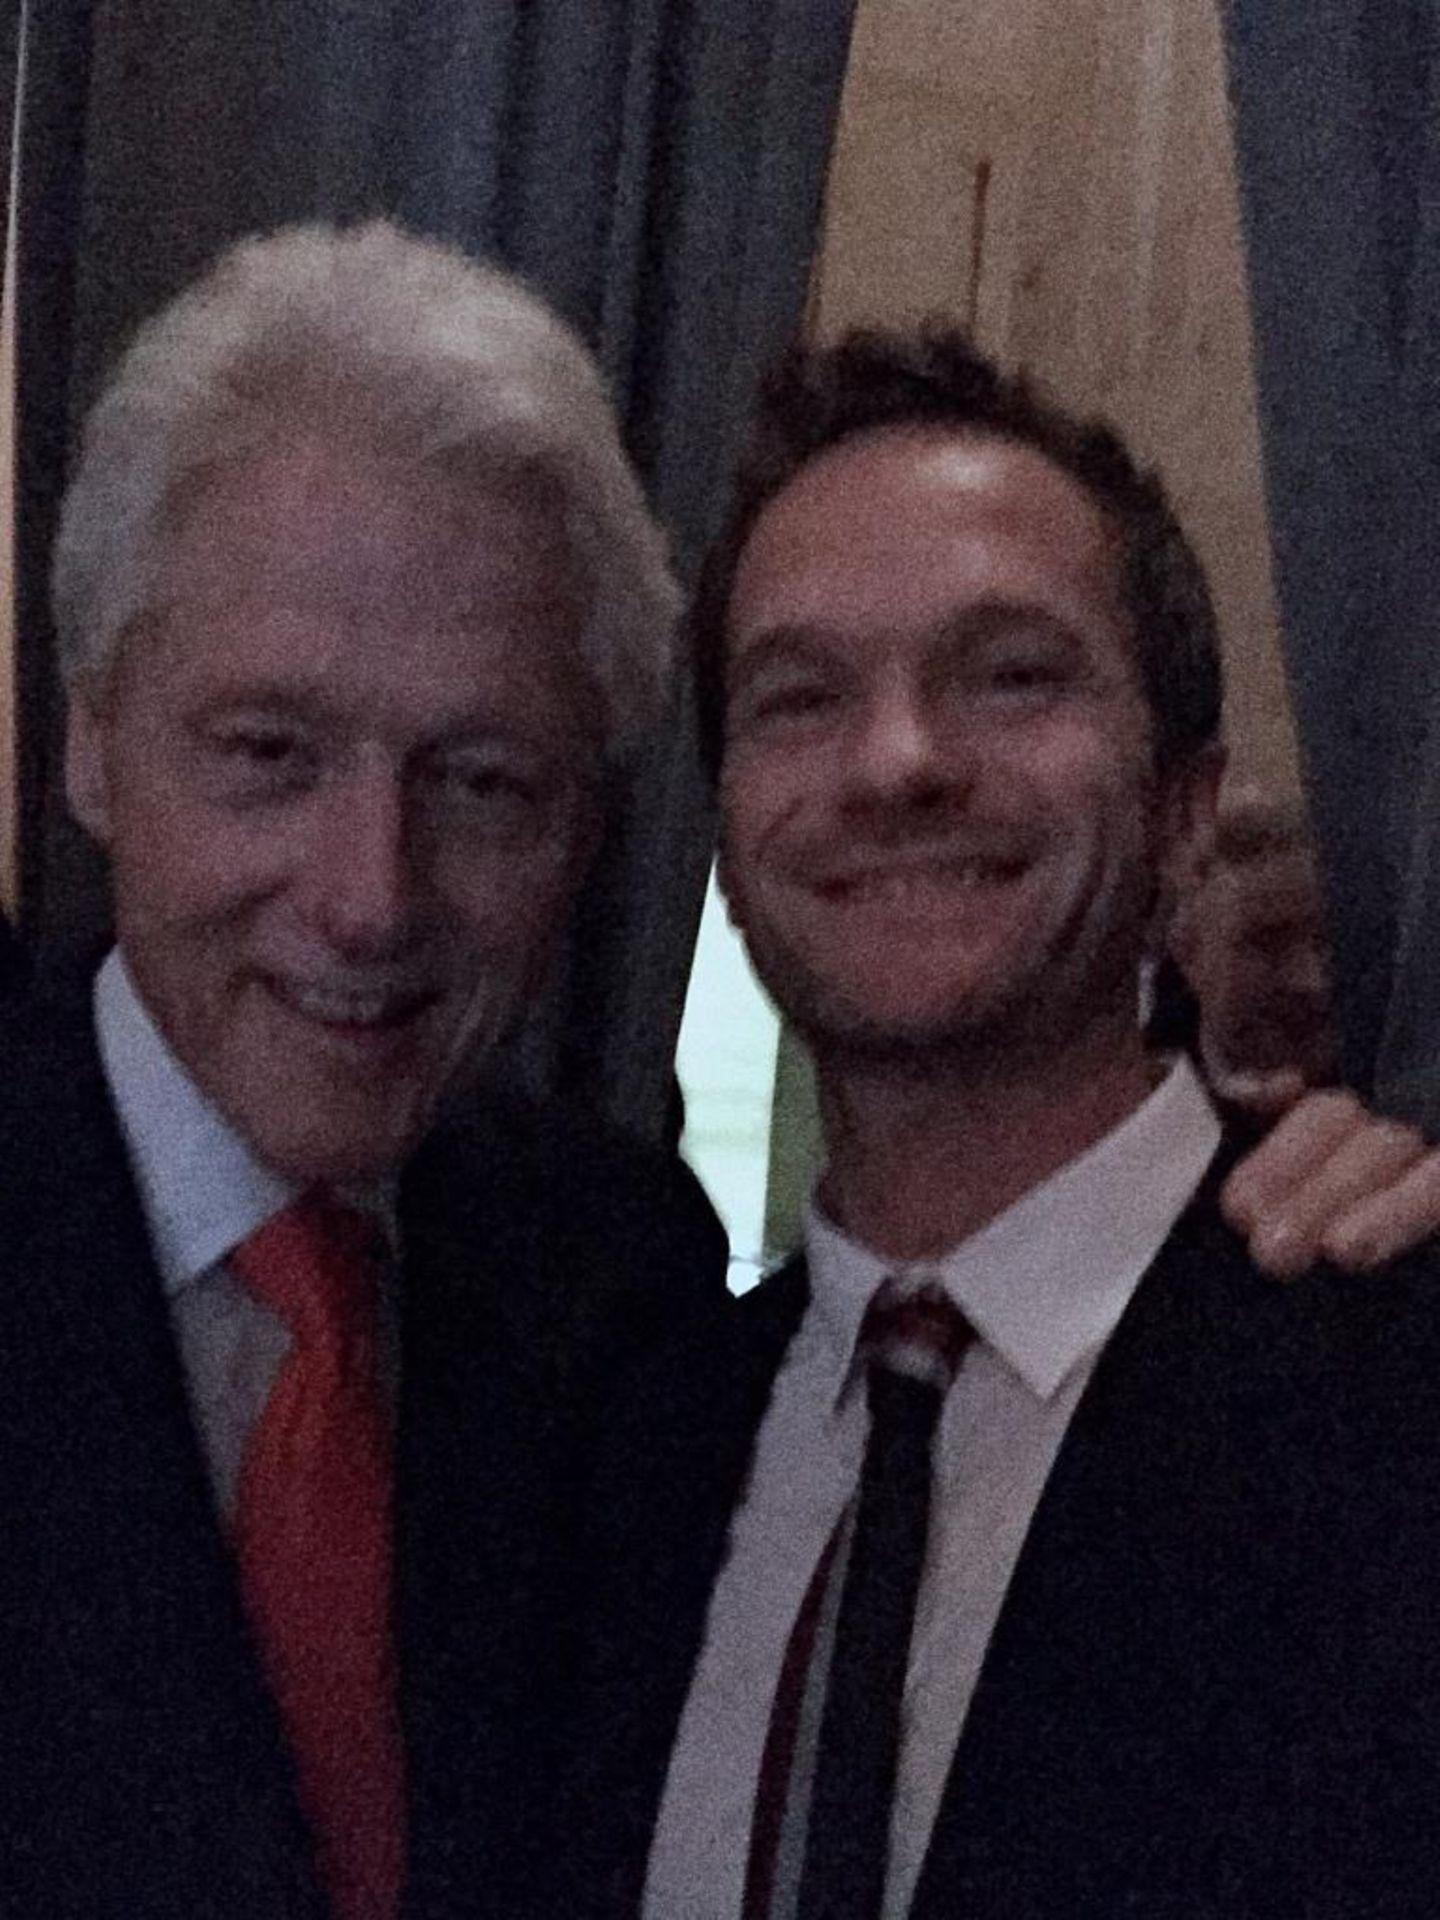 """März 2015   Selbst Neil Patrick Harris kommt diese Begegnung mit Bill Clinton surreal vor, aber nicht wirklich unerwartet. Schließlich ist Neil Patrick Harris bei einem Event der """"Clinton Foundation"""" ."""